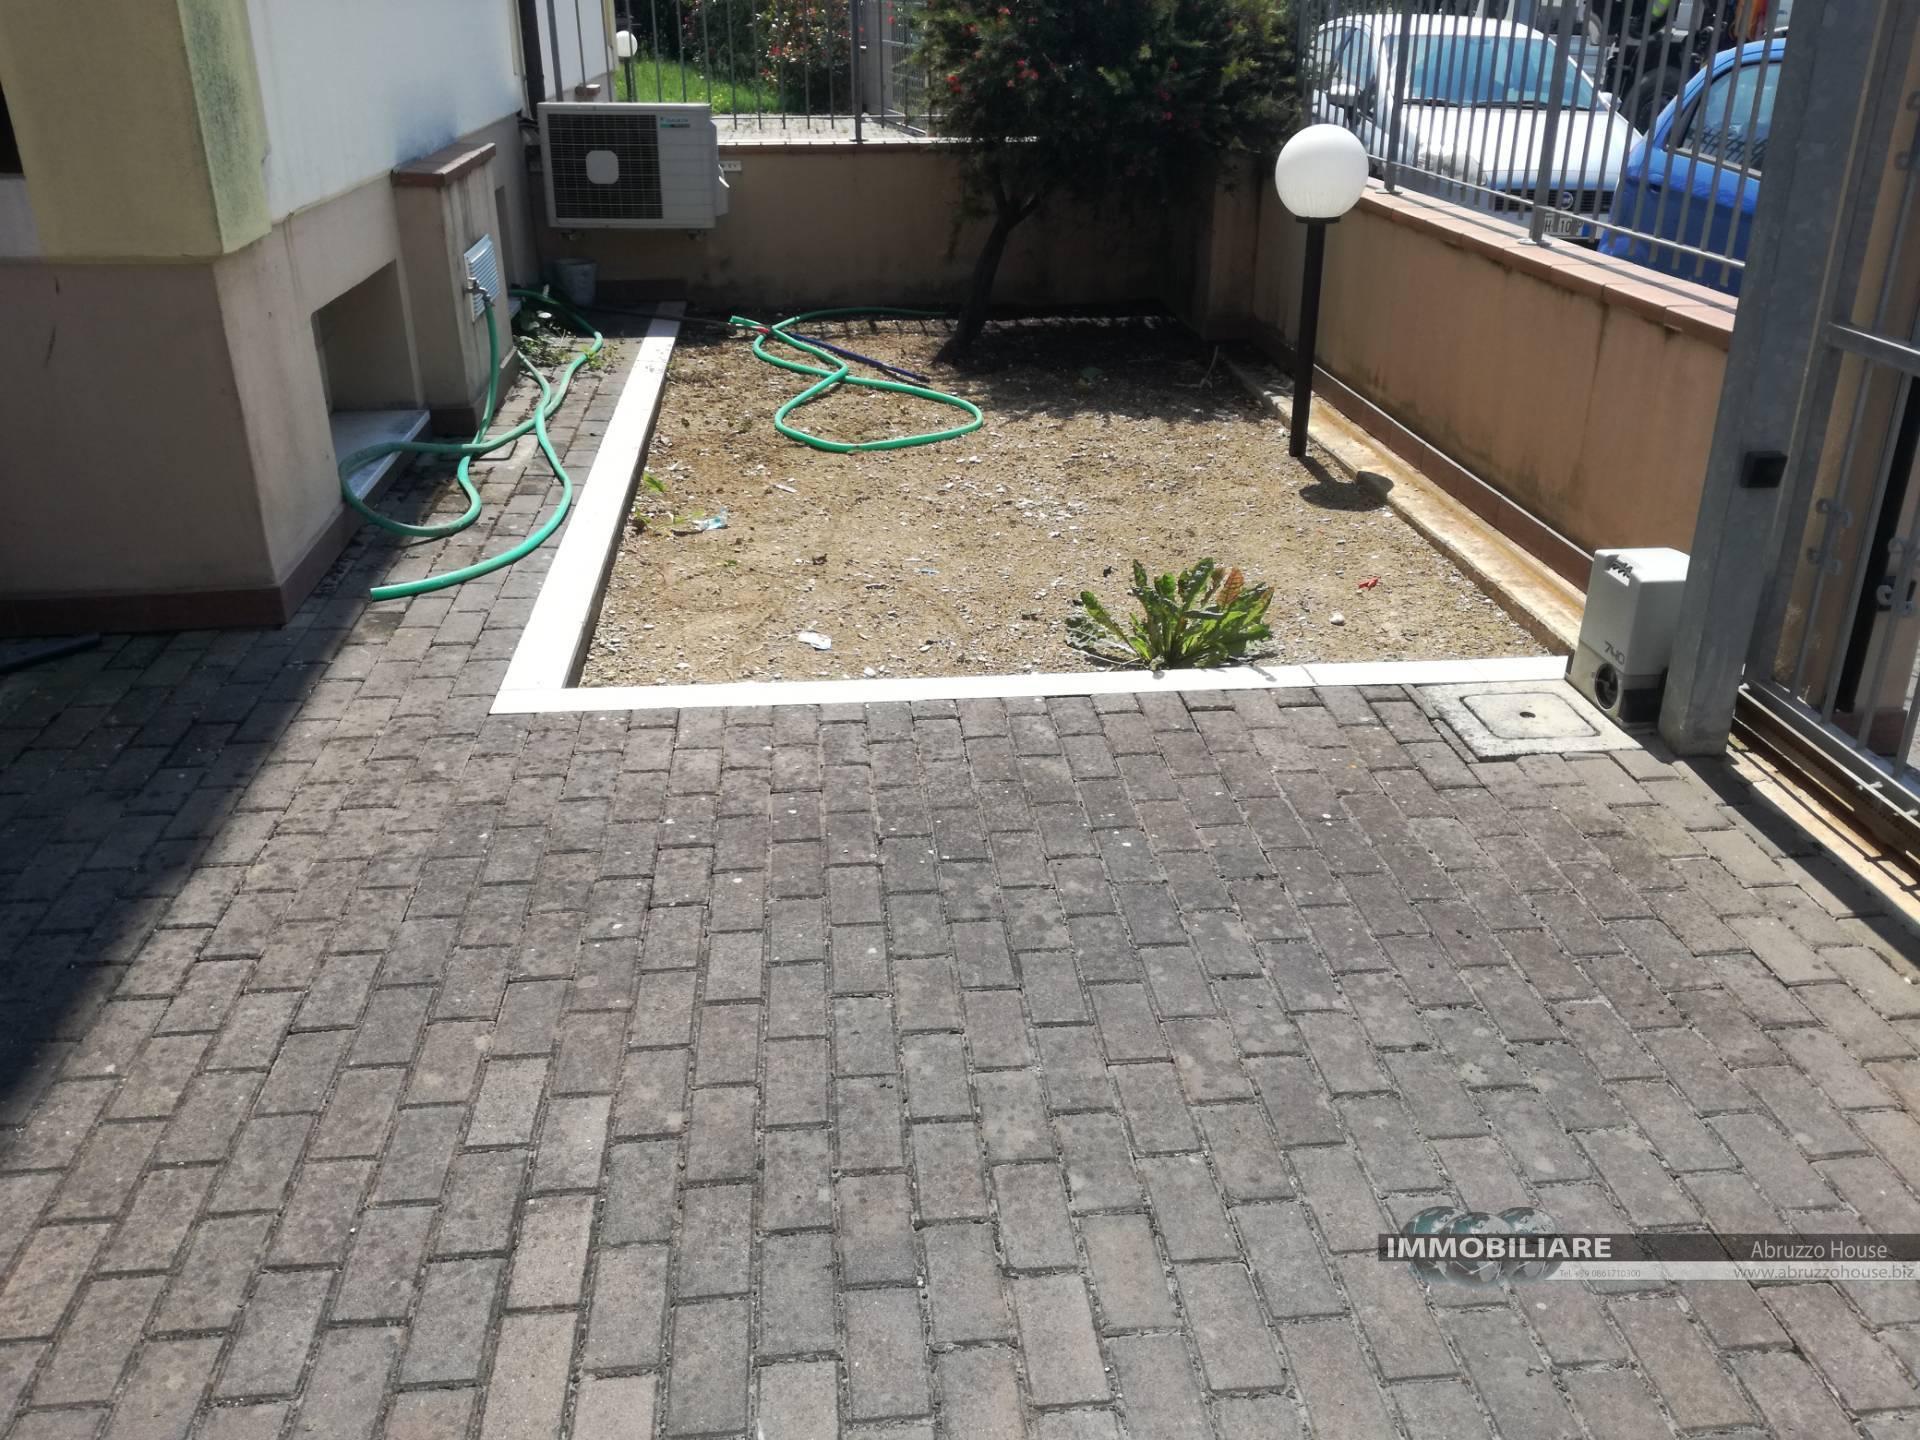 Appartamento in vendita a Roseto degli Abruzzi, 3 locali, zona Località: ColognaSpiaggia, prezzo € 110.000 | CambioCasa.it